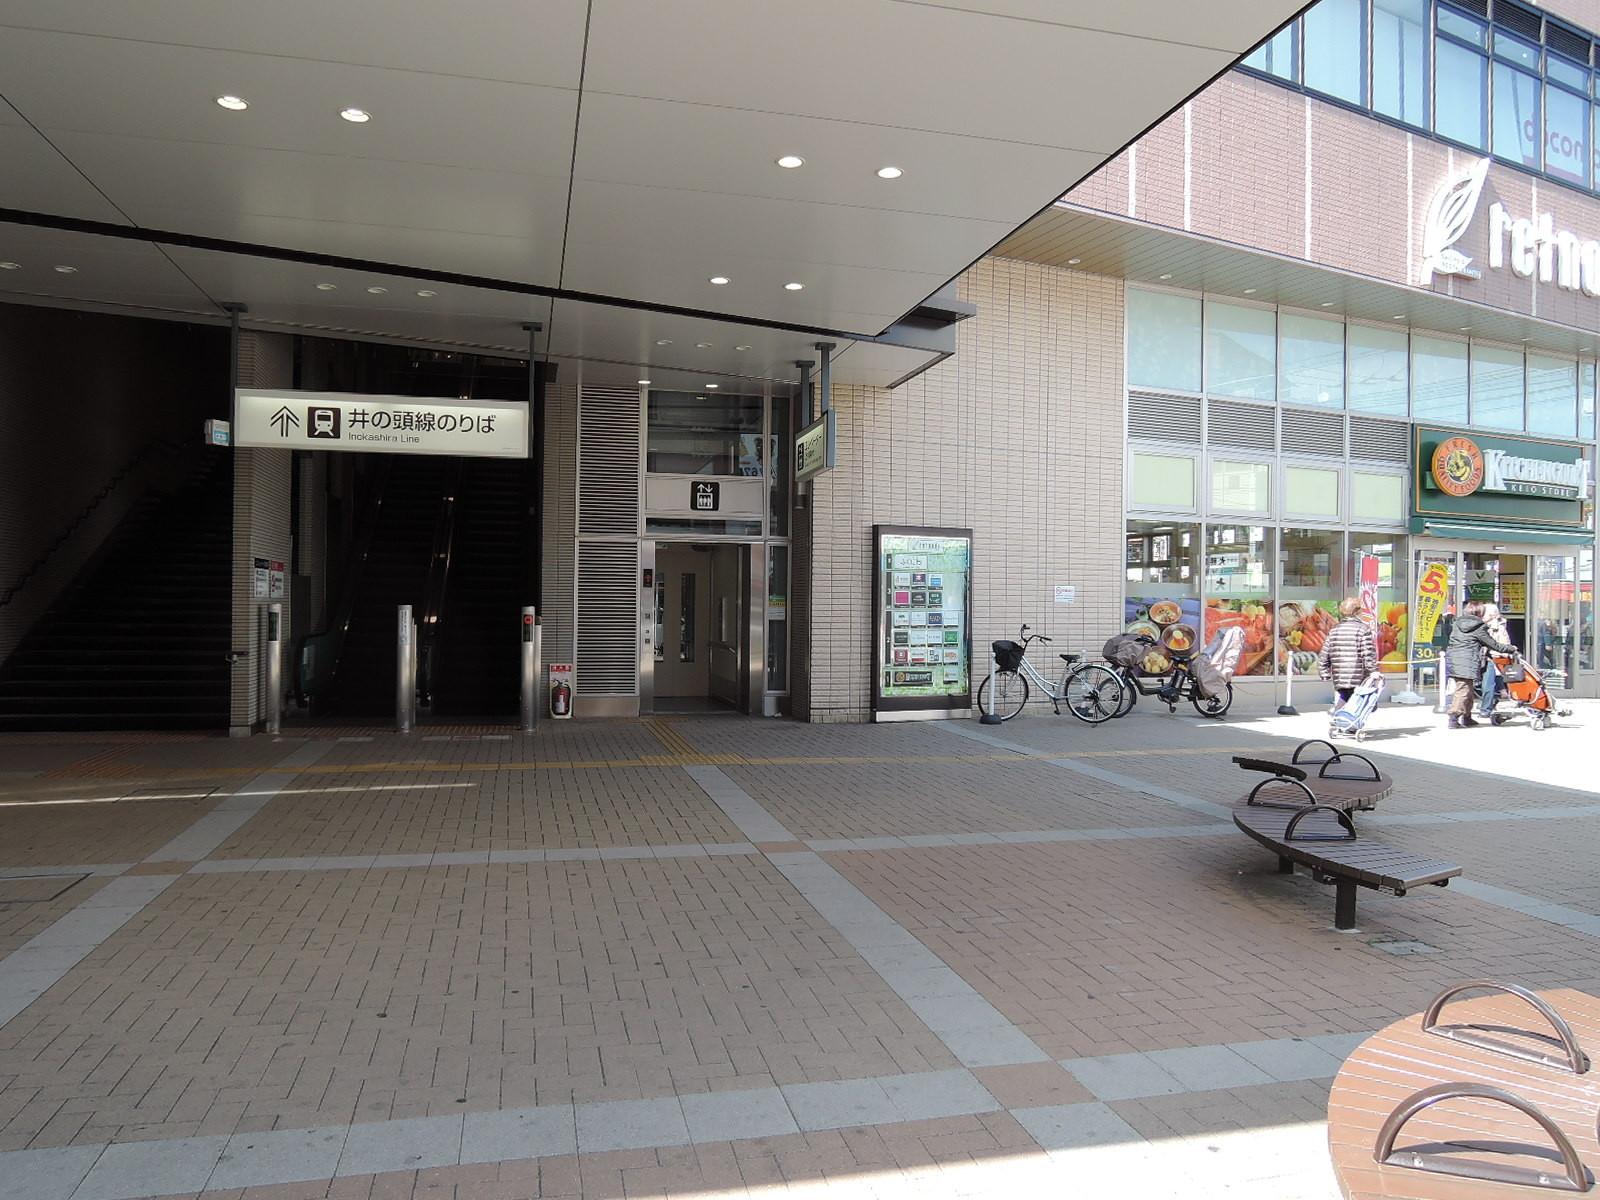 駅。隣にはスーパーマーケット